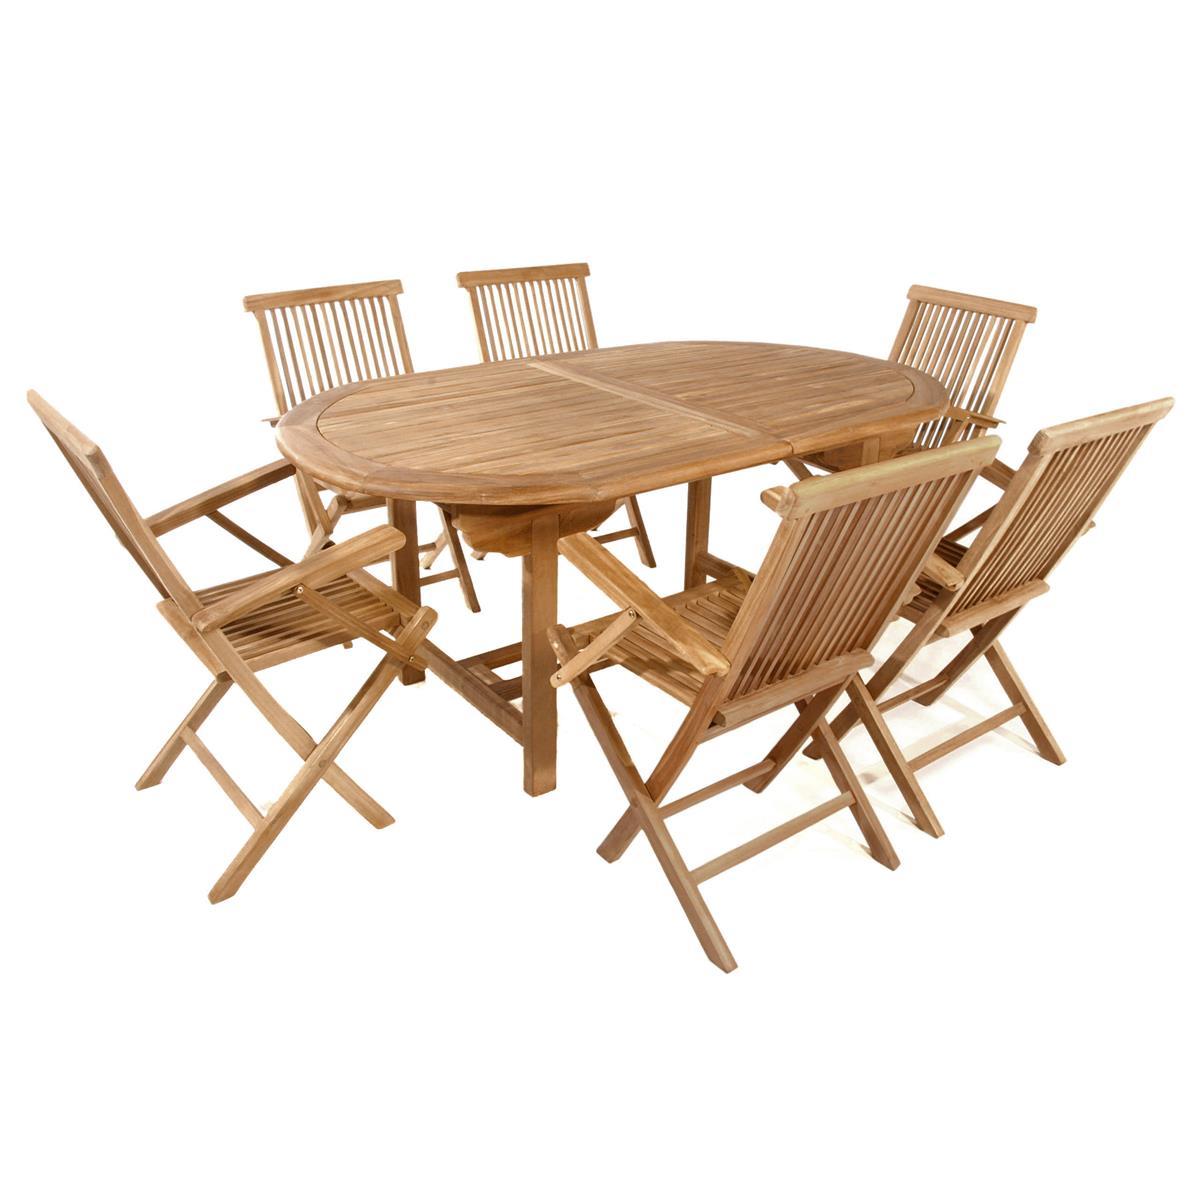 DIVERO Set Gartenmöbel Sitzgruppe Tisch ausziehbar Stühle Teak Holz behandelt